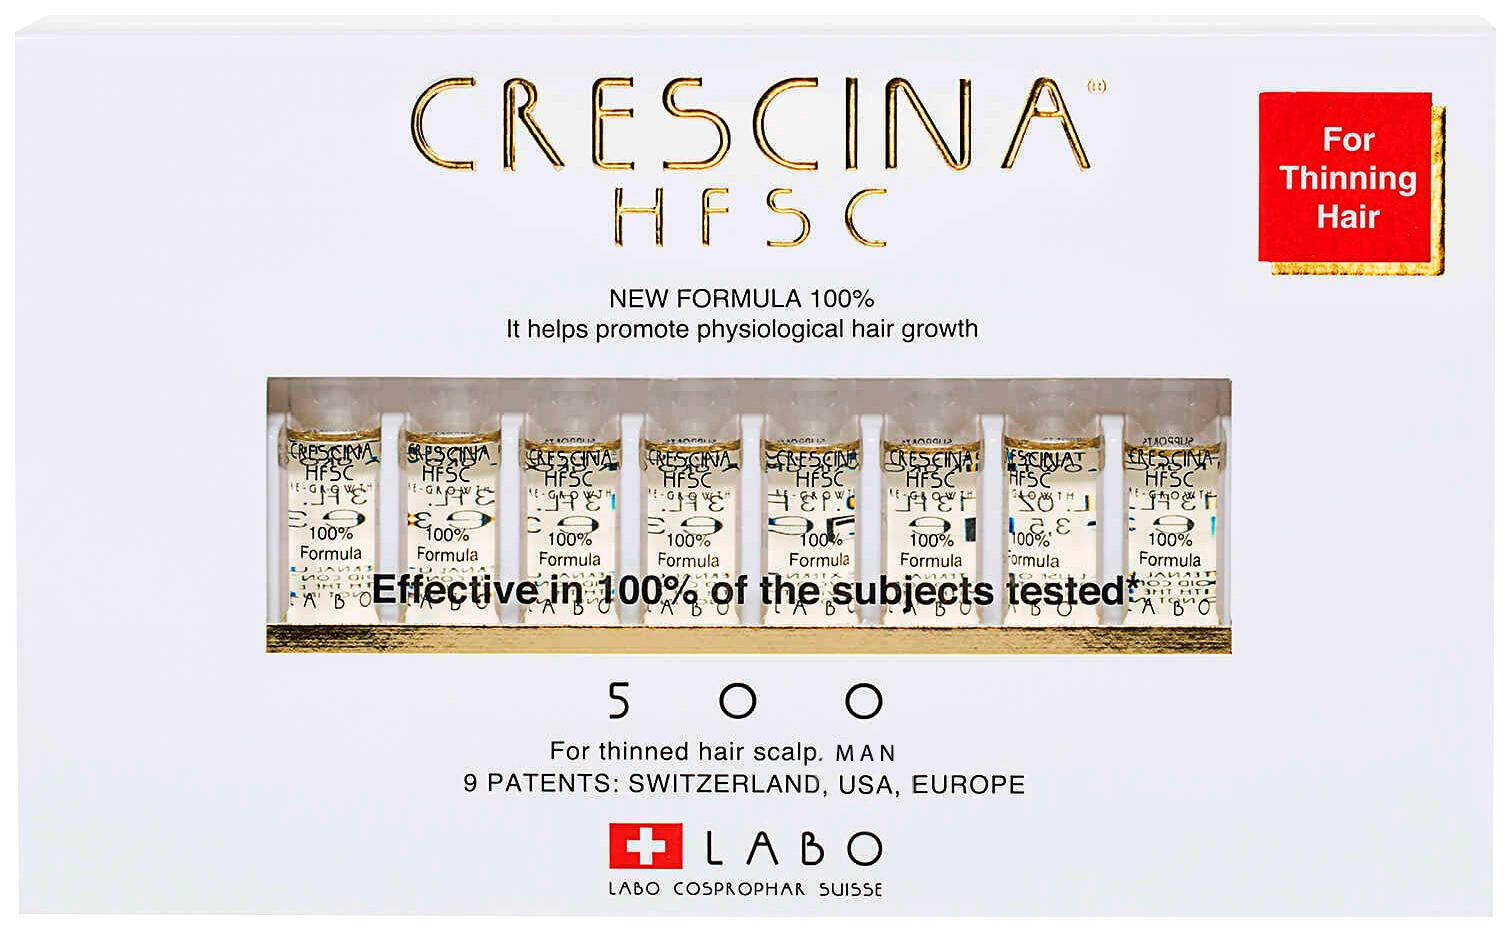 Купить Ампулы для волос Crescina 500 для стимулирования роста волос для мужчин №20, 500 HFSC 100% для стимулирования роста волос для мужчин